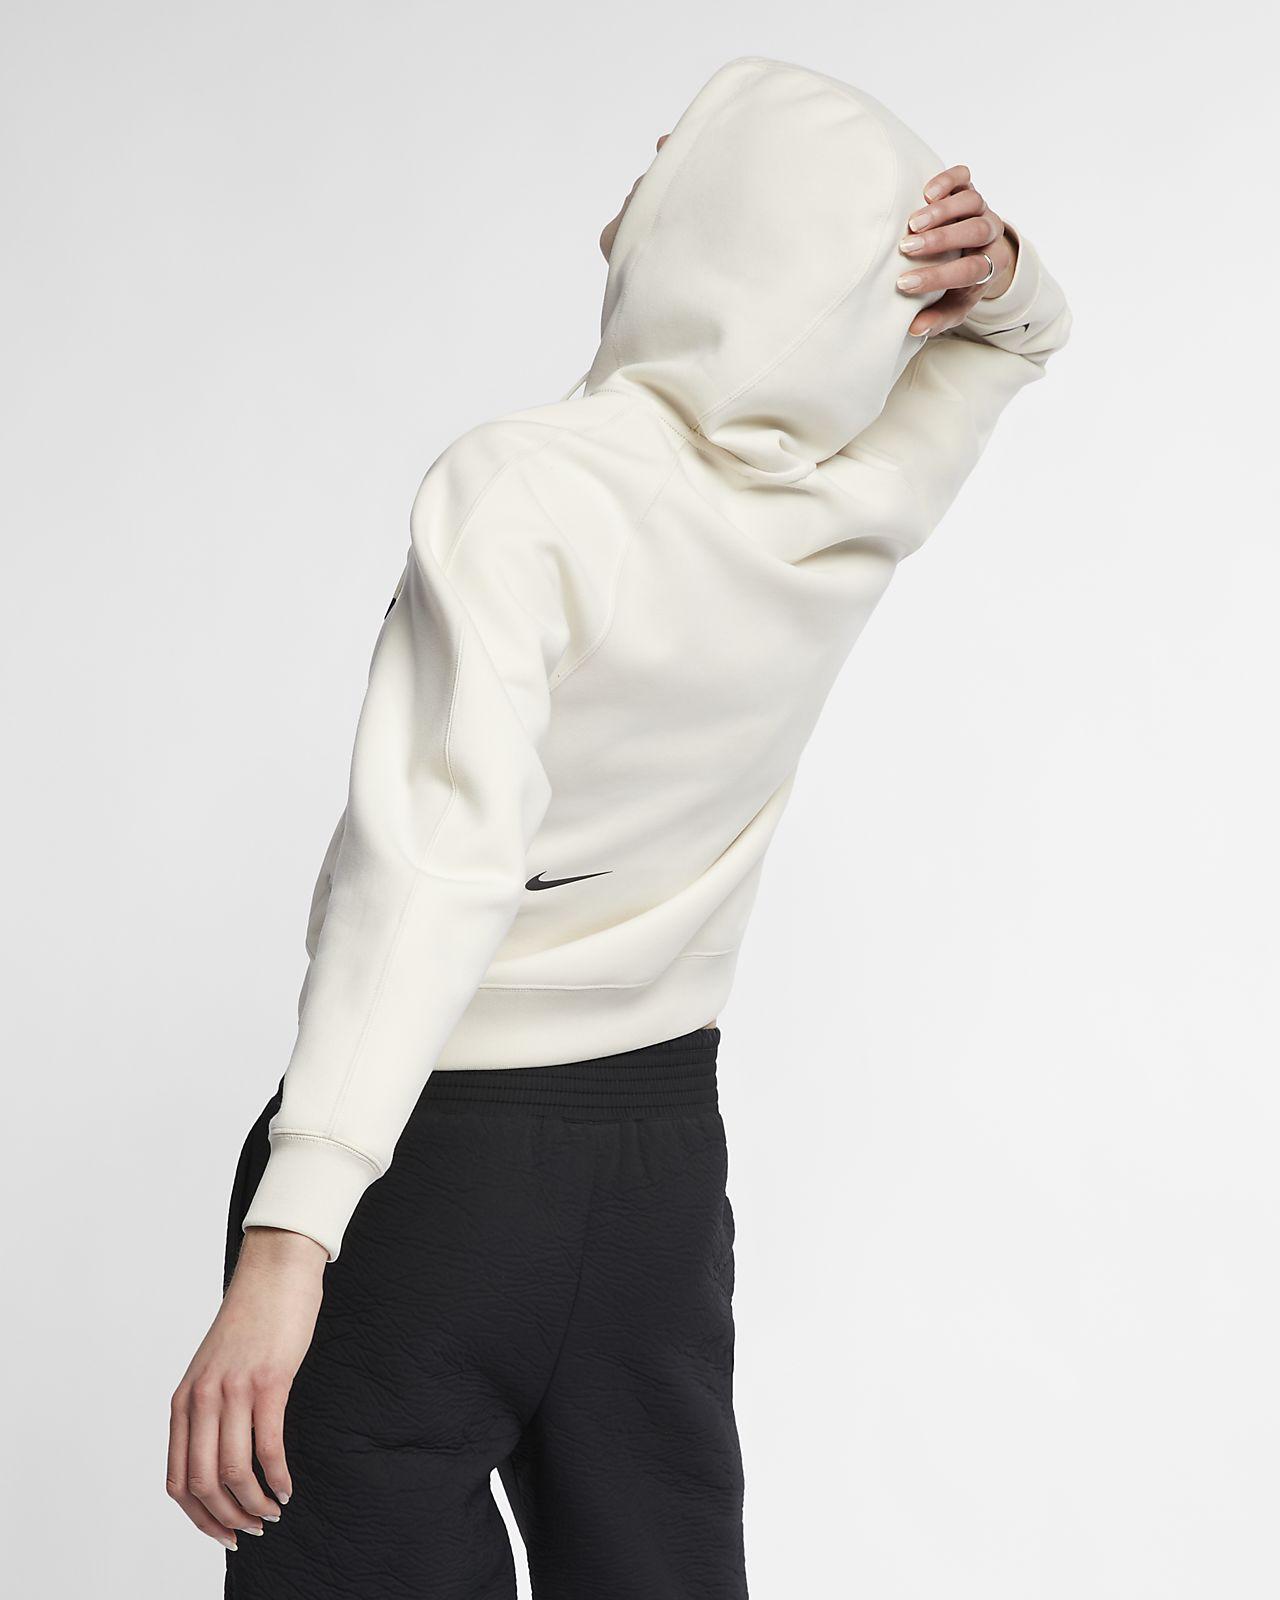 b3ce5080d479 Nike Sportswear Tech Pack Women s Full-Zip Fleece Hoodie. Nike.com SG